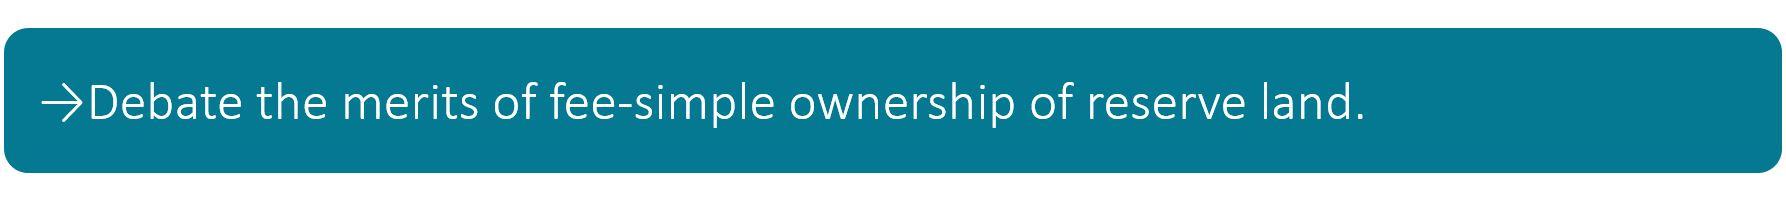 Debate the merits of fee-simple ownership of reserve land.